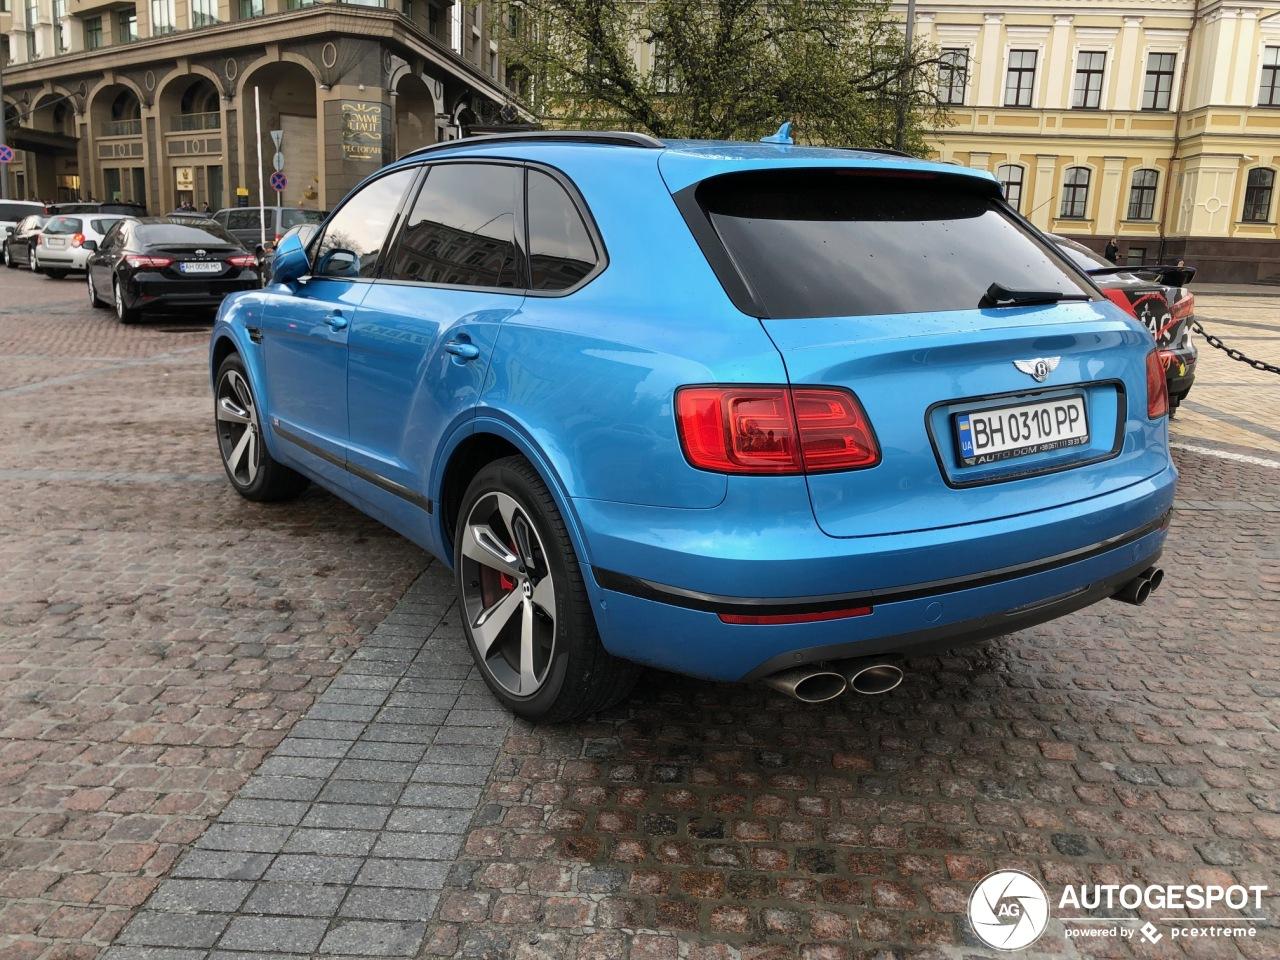 В Украине засняли редчайший Bentley Bentayga лимитированной серии